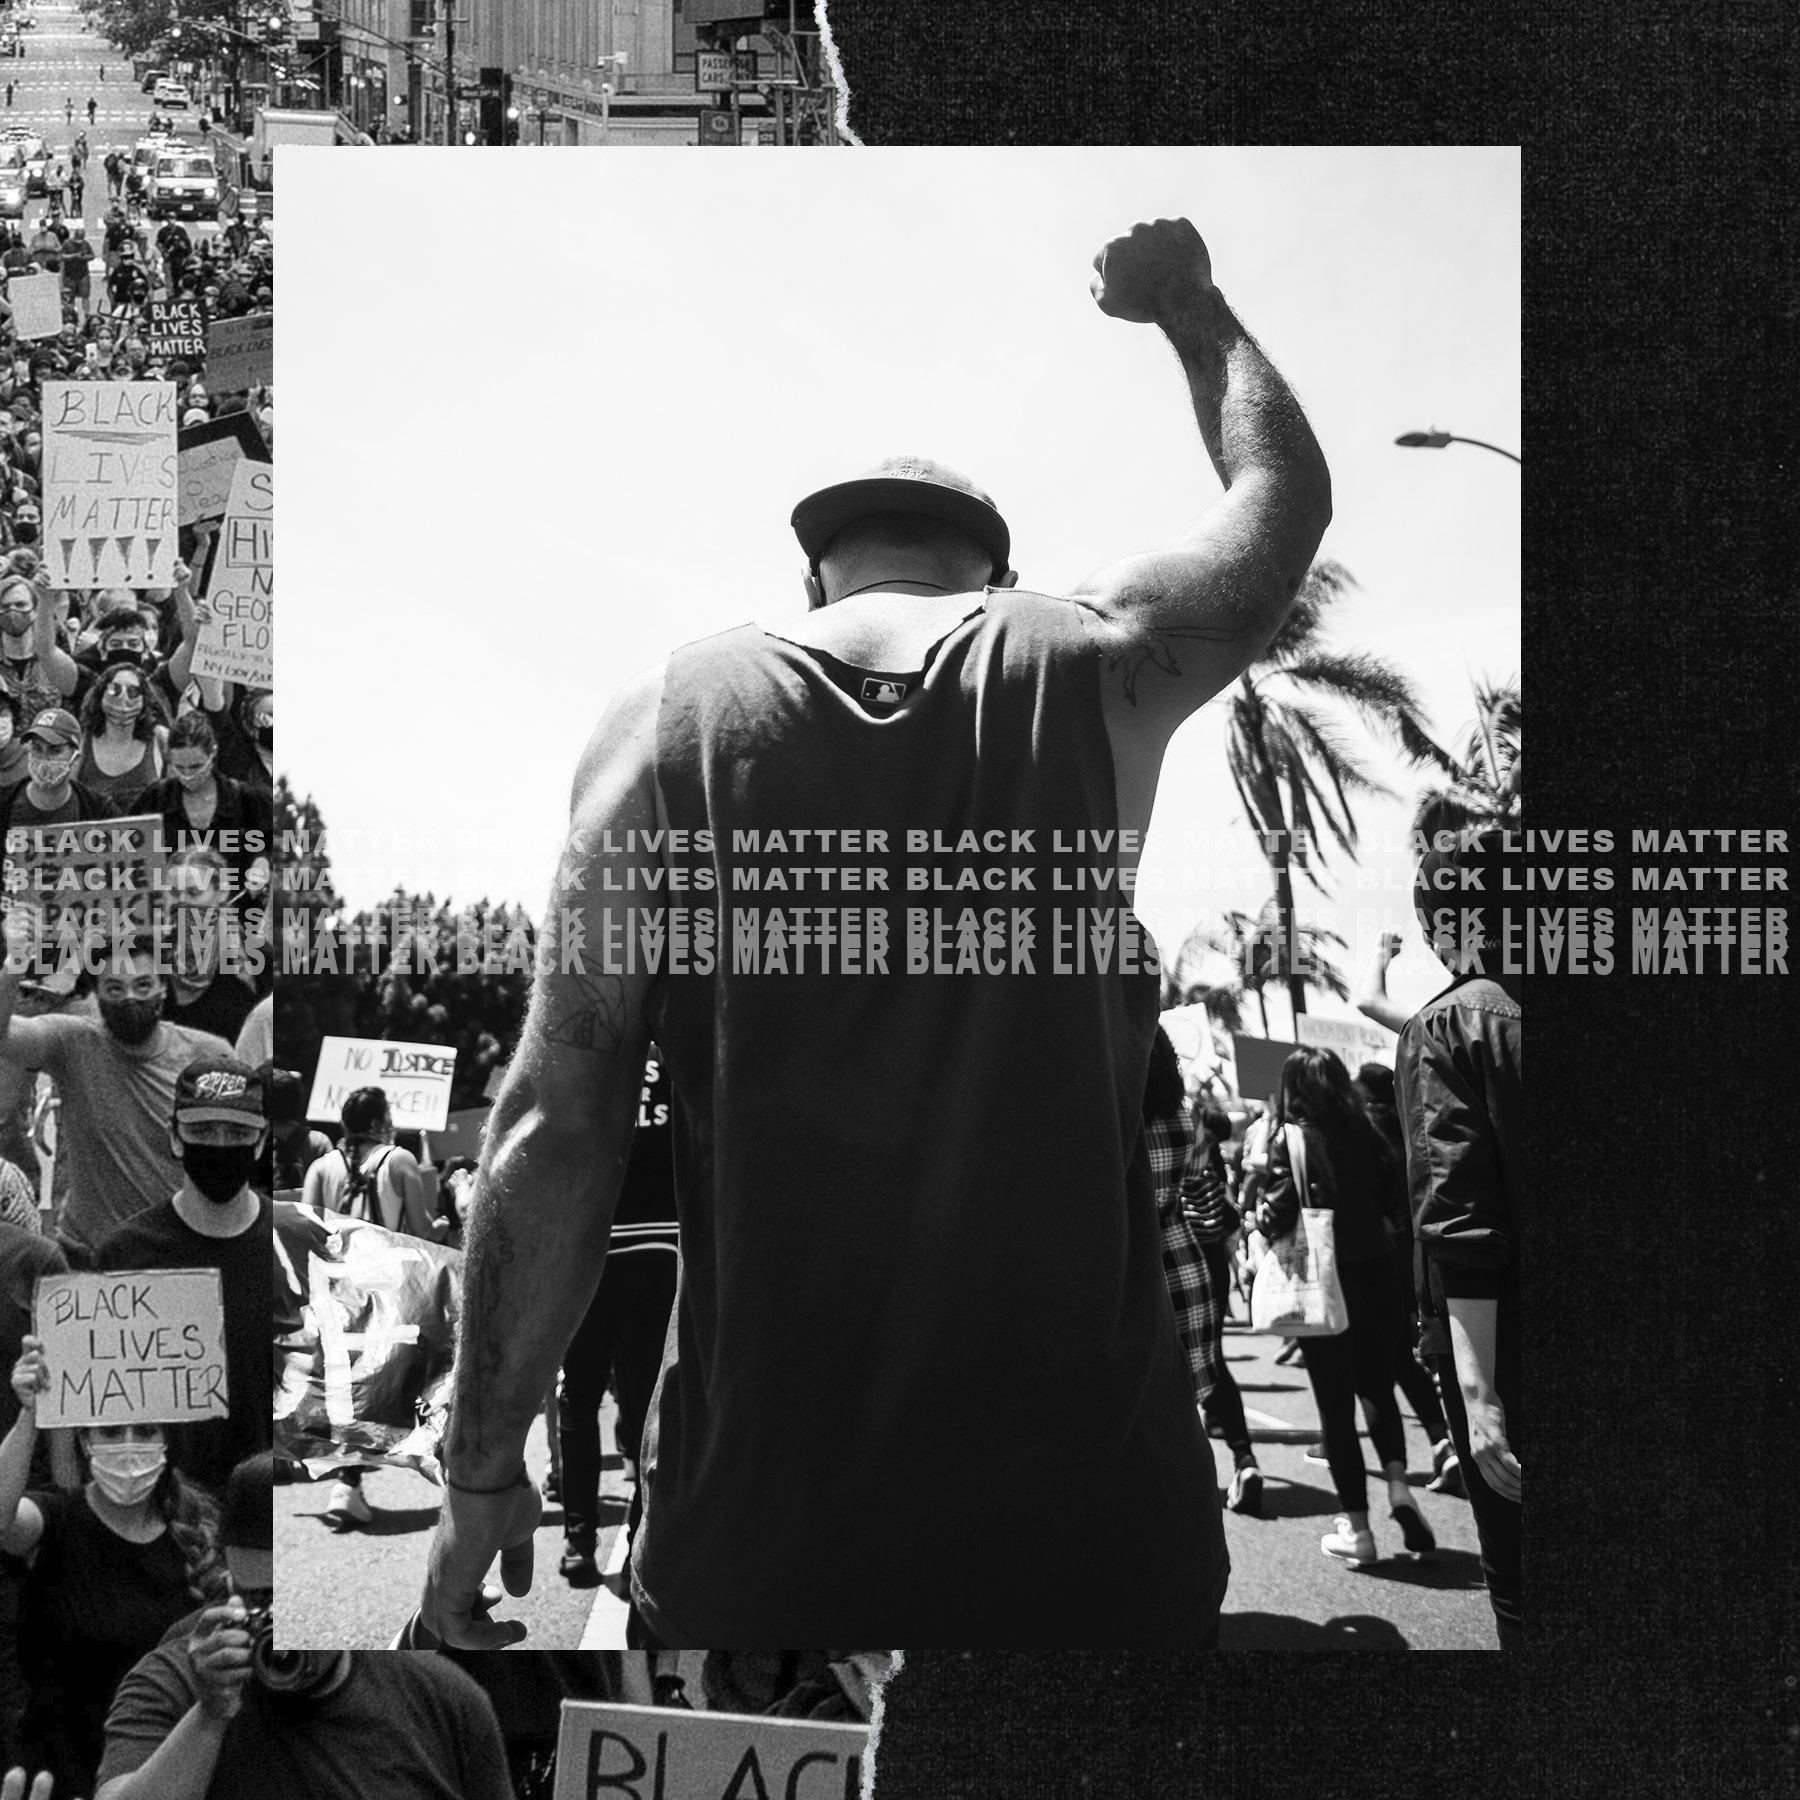 Puffco: Black Lives Matter